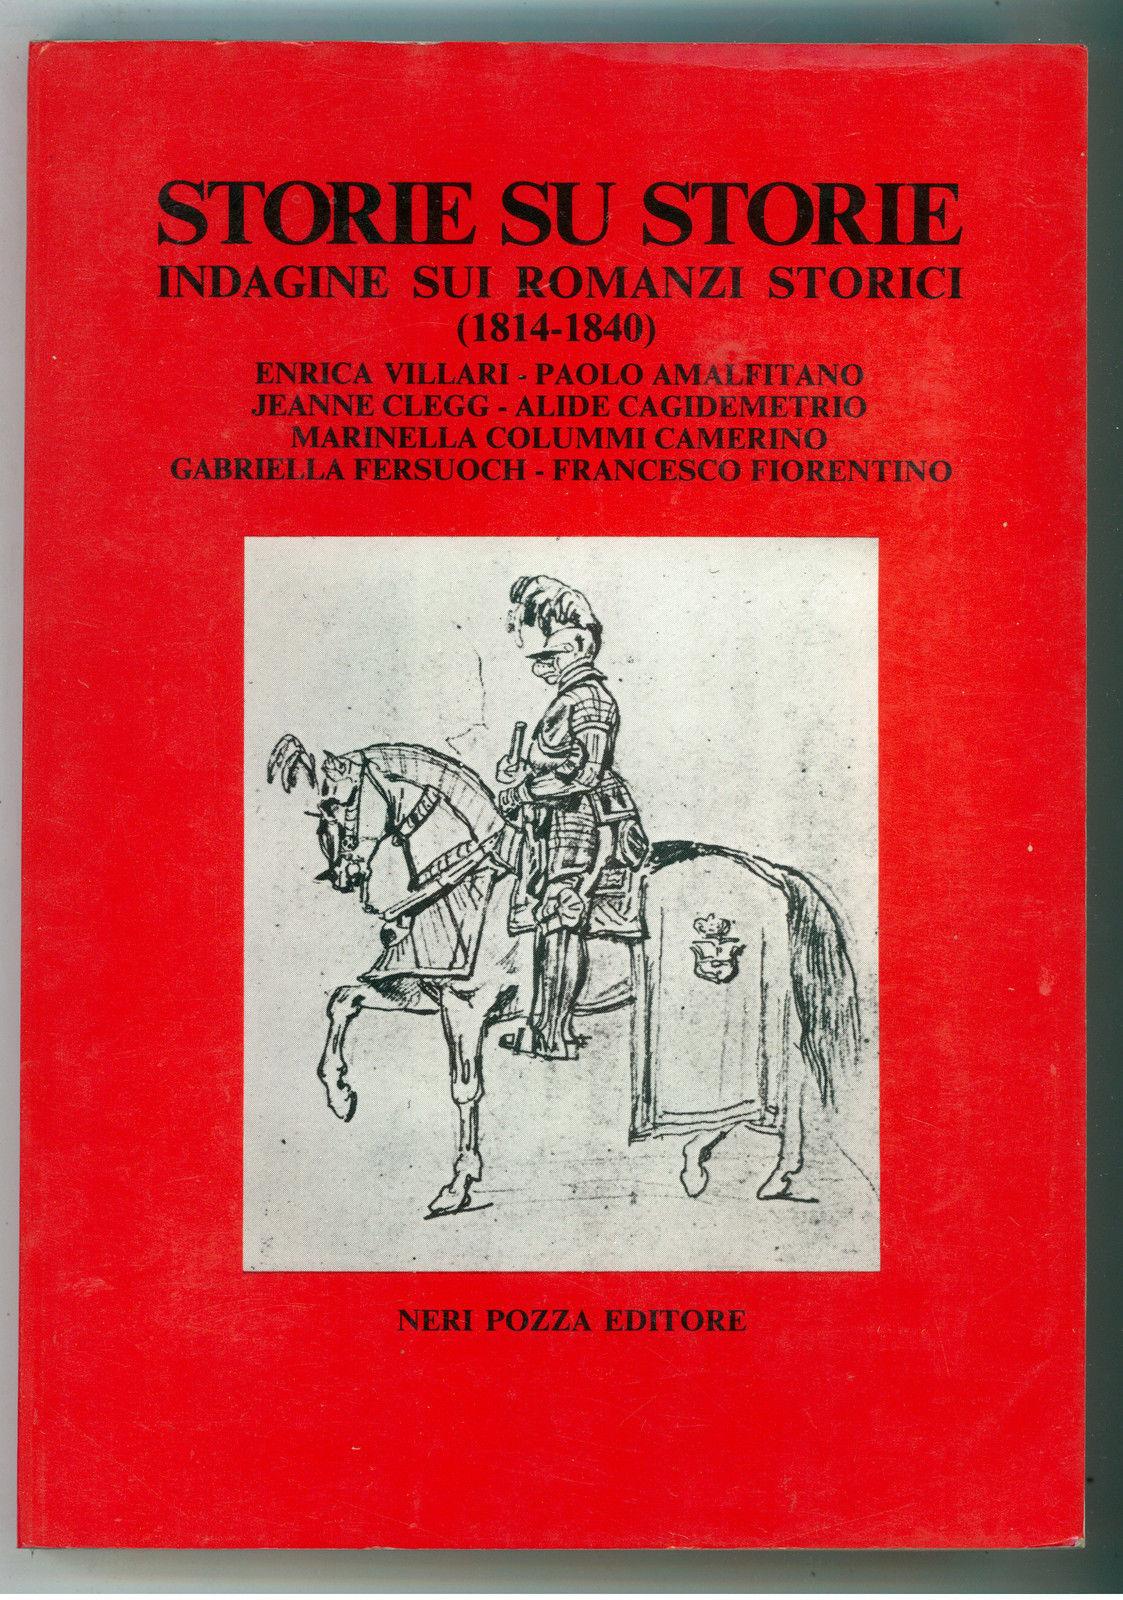 Storie su storie. Indagini sui romanzi storici (1814-1840)